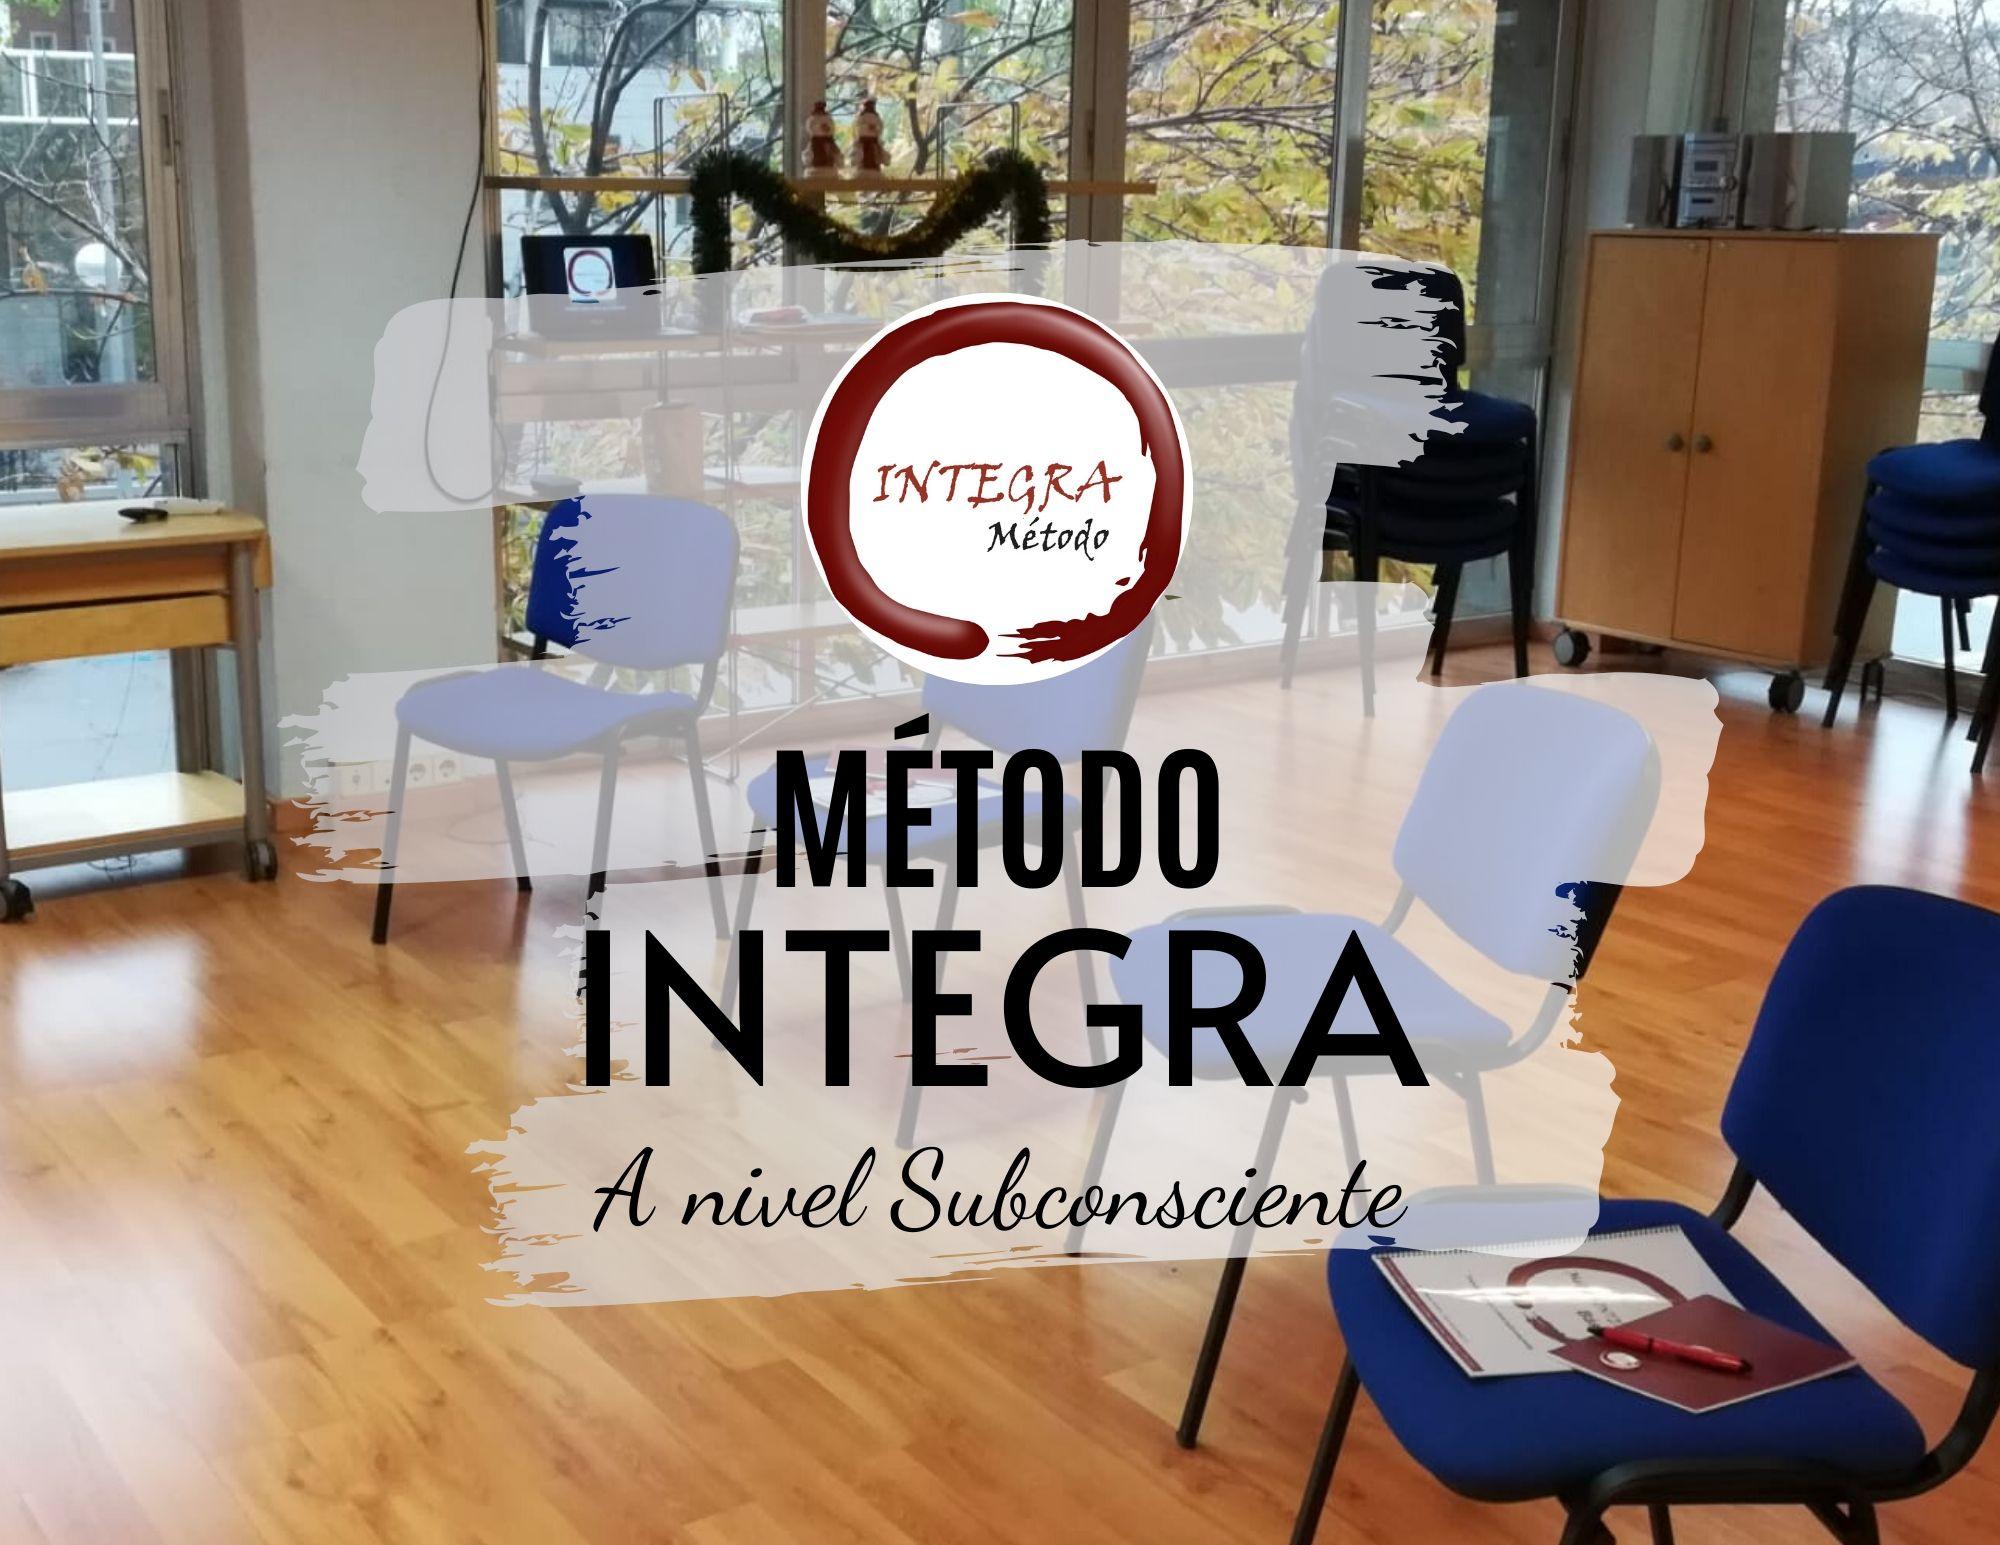 Como Instructora de Método Integra, imparto cursos y hago sesiones personales